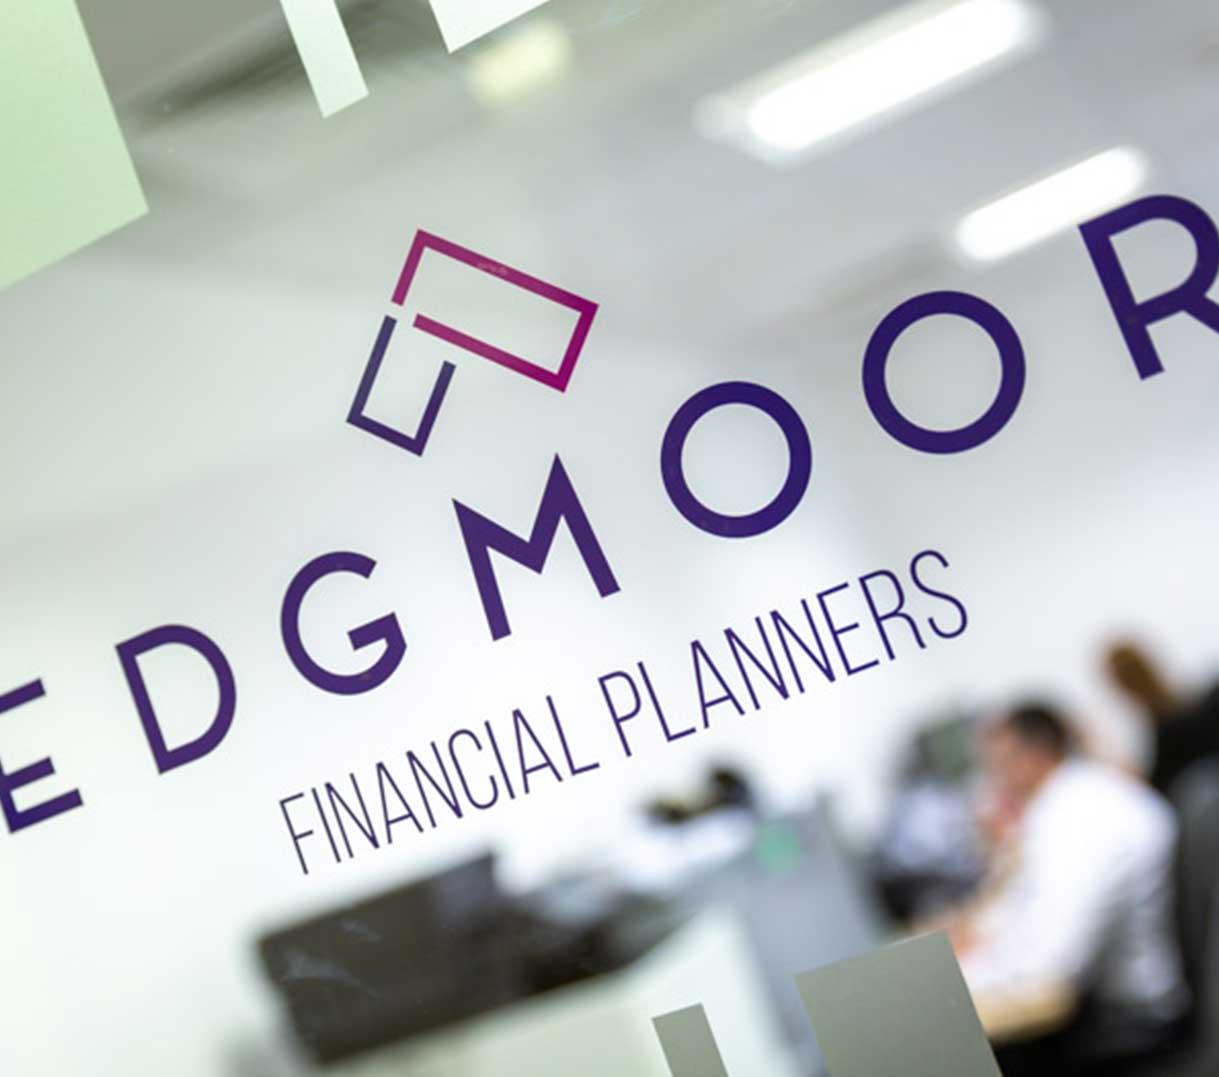 Edgmoor logo